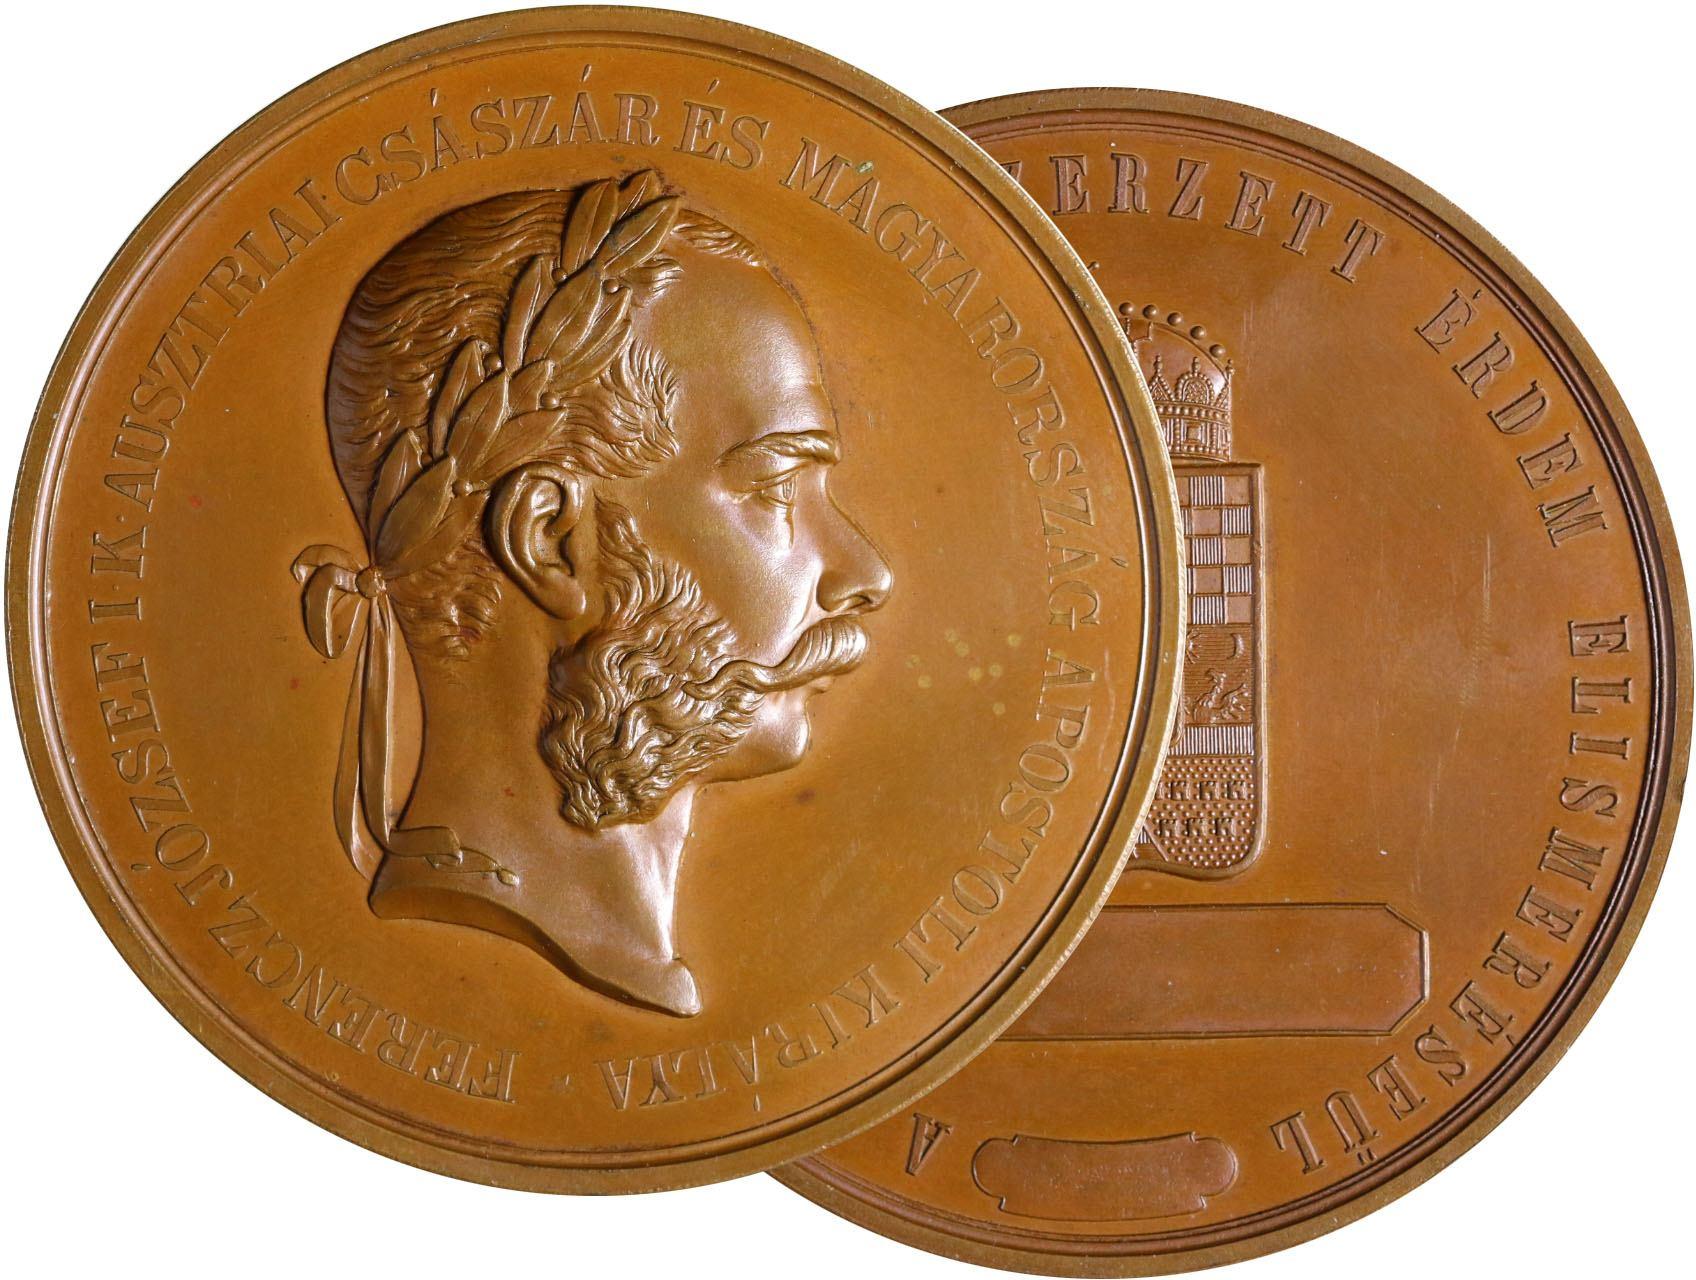 Osobnosti - František Josef I. 1830-1916, AE medaile za civilní zásluhy v hospodaření, J.Tautenhayn, maďarský opis, pr. 63 mm